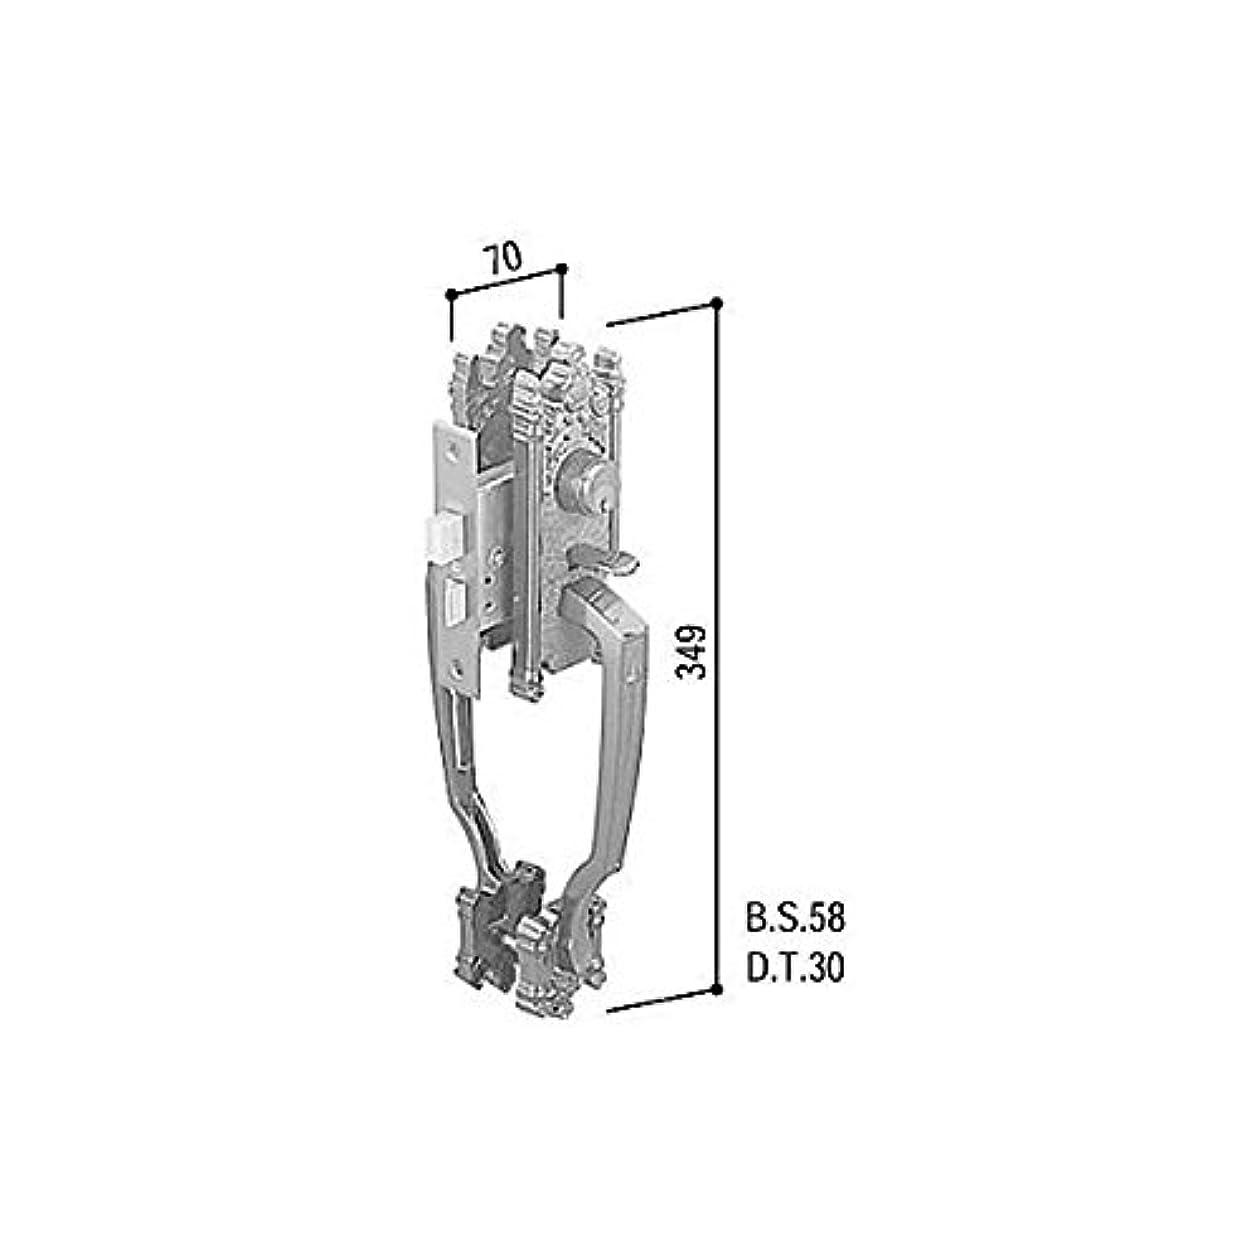 娯楽バドミントン管理者YKKAP メンテナンス部品 サムラッチハンドル錠セット (HH-J-0233) YB:ブロンズ *製品色?形状等仕様変更になる場合があります*